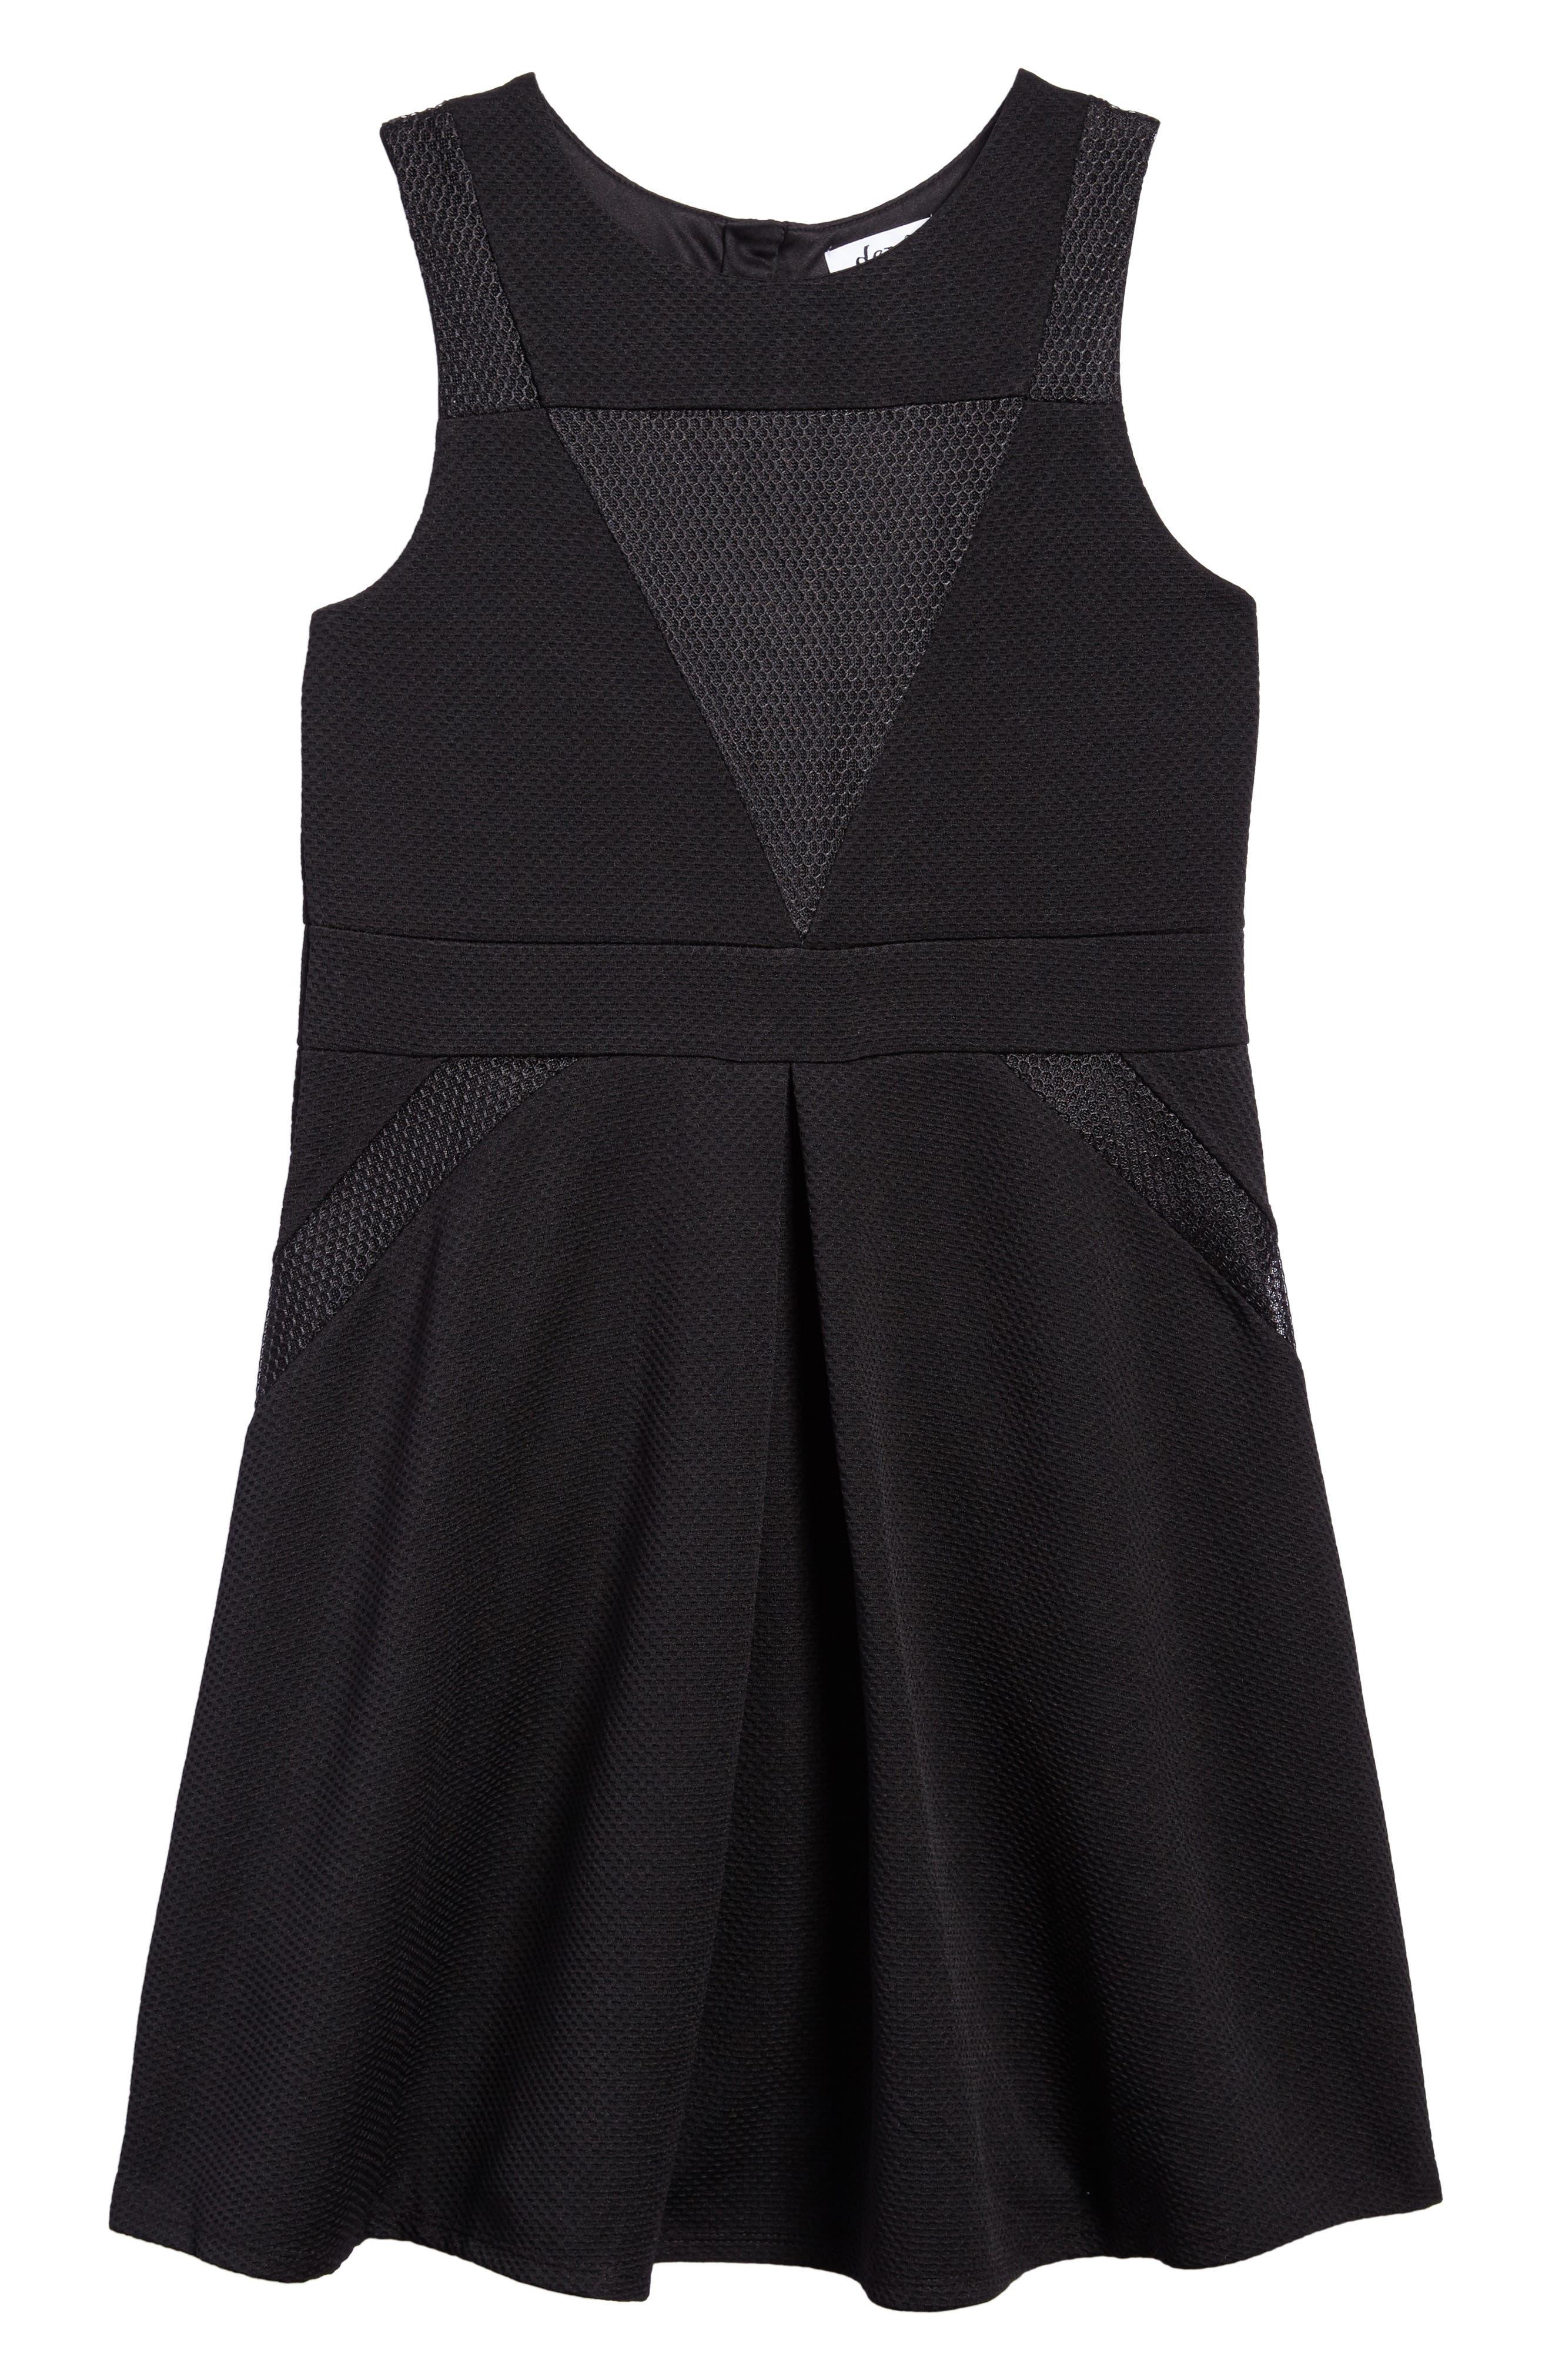 Mesh Skater Dress,                             Main thumbnail 1, color,                             Black